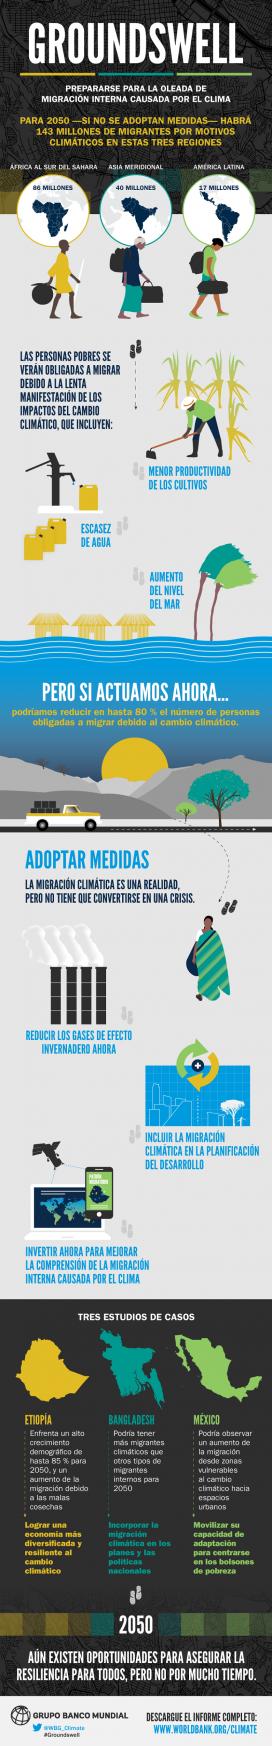 Infografia sobre la migració per causes climàtiques, elaborada pel Banc Mundial